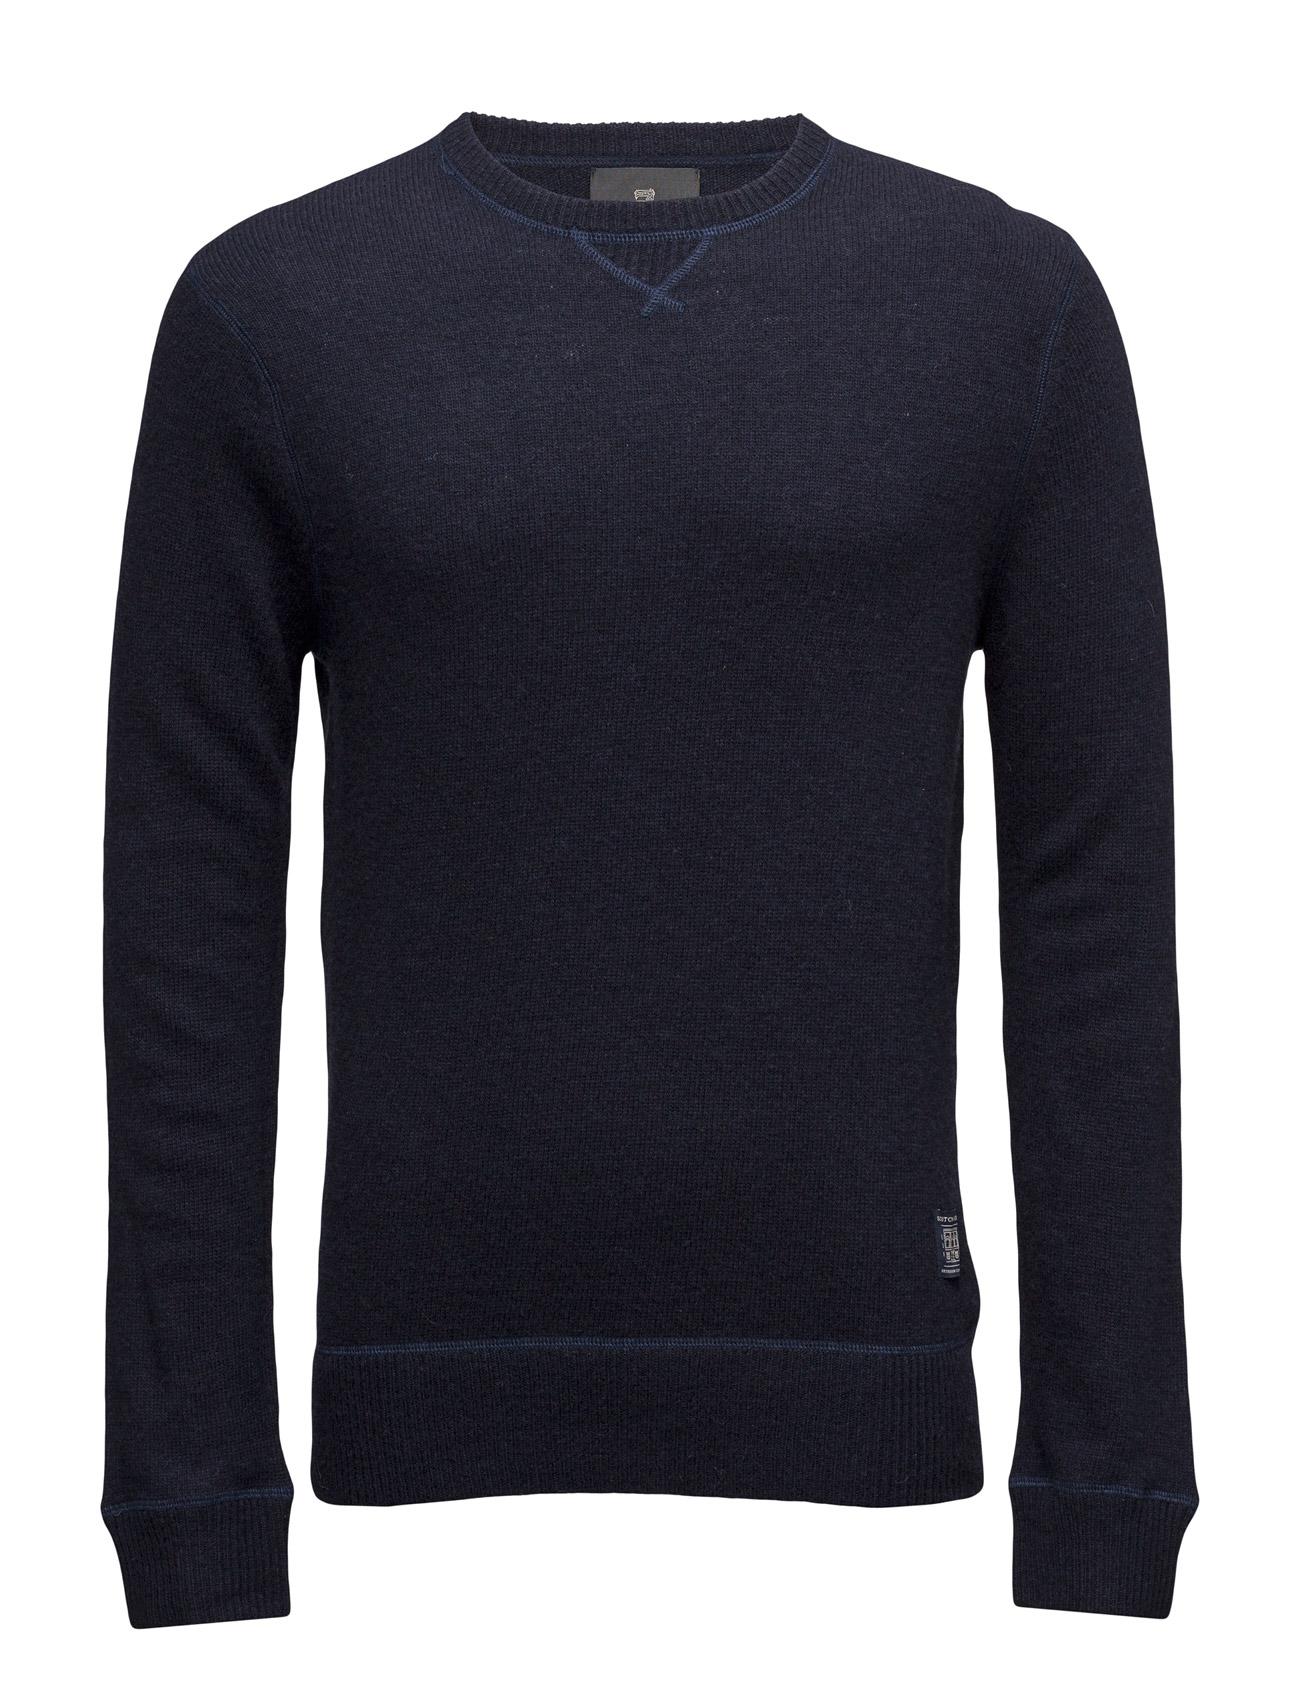 Crewneck Pullover In Boiled Wool Quality Scotch & Soda Striktøj til Mænd i